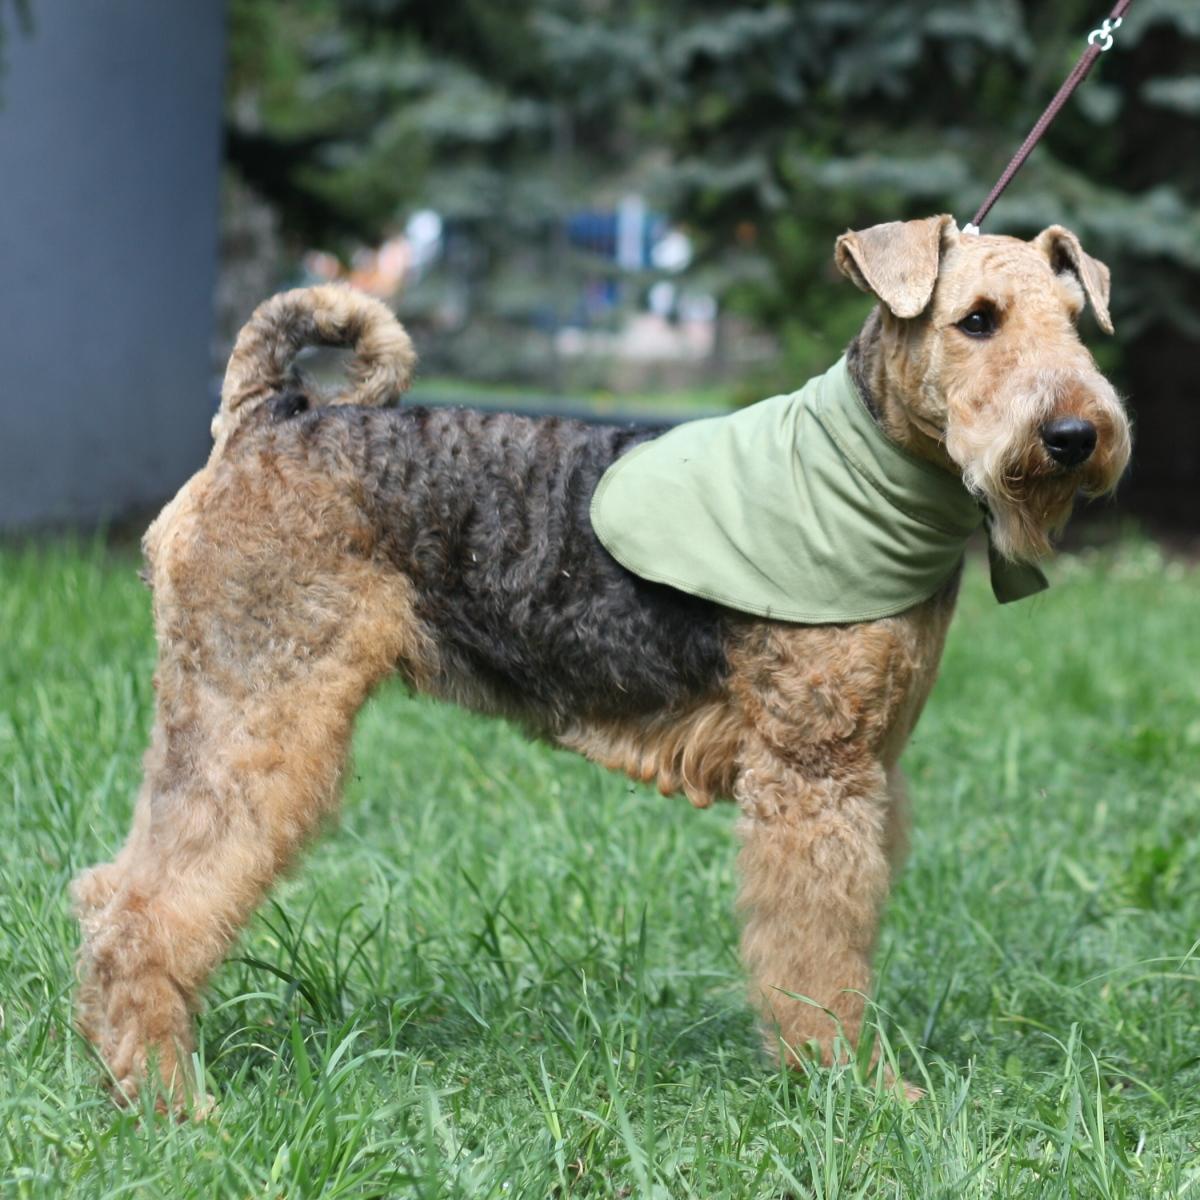 Косынка для собак Osso Fashion, охлаждающая, унисекс, цвет: оливковый. Размер MО-1006Охлаждающая косынка Osso Fashion из ткани ССТ (COOL COMFORT TECHNOLOGY) помогает собакам легче переносить жару, делает более комфортным их пребывание на солнце во время прогулки, в транспорте, на выставках, проходящих на открытом воздухе или в душном помещенииКосынка завязывается на шее животного, завязки помогают регулировать размер. Изделие охлаждает шею собаки, к тому же это красивый аксессуар.Охлаждающее изделие Osso Fashion сшито из инновационной ткани ССТ (COOL COMFORT TECHNOLOGY), которая создает персональную зону охлаждения и обеспечивает комфортную терморегуляцию на длительное время. Охлаждение ткани обеспечивается за счет уникальной структуры переплетения волокон, создающих капиллярные сети повышенной плотности. Серебросодержащее волокно X-Static, входящее в состав ткани, придает ей антистатические и антимикробные свойства. Длительное использование и многократные стирки не влияют на охлаждающие свойства ткани. В отличие от охлаждающих тканей предыдущего поколения, эта ткань не имеет химической пропитки и не содержит охлаждающих гелей.При активации изделия (встряхивании) происходит максимальное охлаждение за счет испарения воды. Однако - из-за уникальной комбинации волокон и их взаимодействия между собой - испарение и потеря влаги происходит медленно, поскольку одновременно идет мощное впитывание паров и водоотведение.Чтобы активировать охлаждающее действие изделия его нужно намочить, отжать и встряхнуть. Подходит вода из любого источника: из-под крана, дождевая, речная, морская, влага от потоотделения - они реактивируют охлаждающую функцию снова и снова.Длина: 66 см.Ширина: 20 см.Одежда для собак: нужна ли она и как её выбрать. Статья OZON Гид